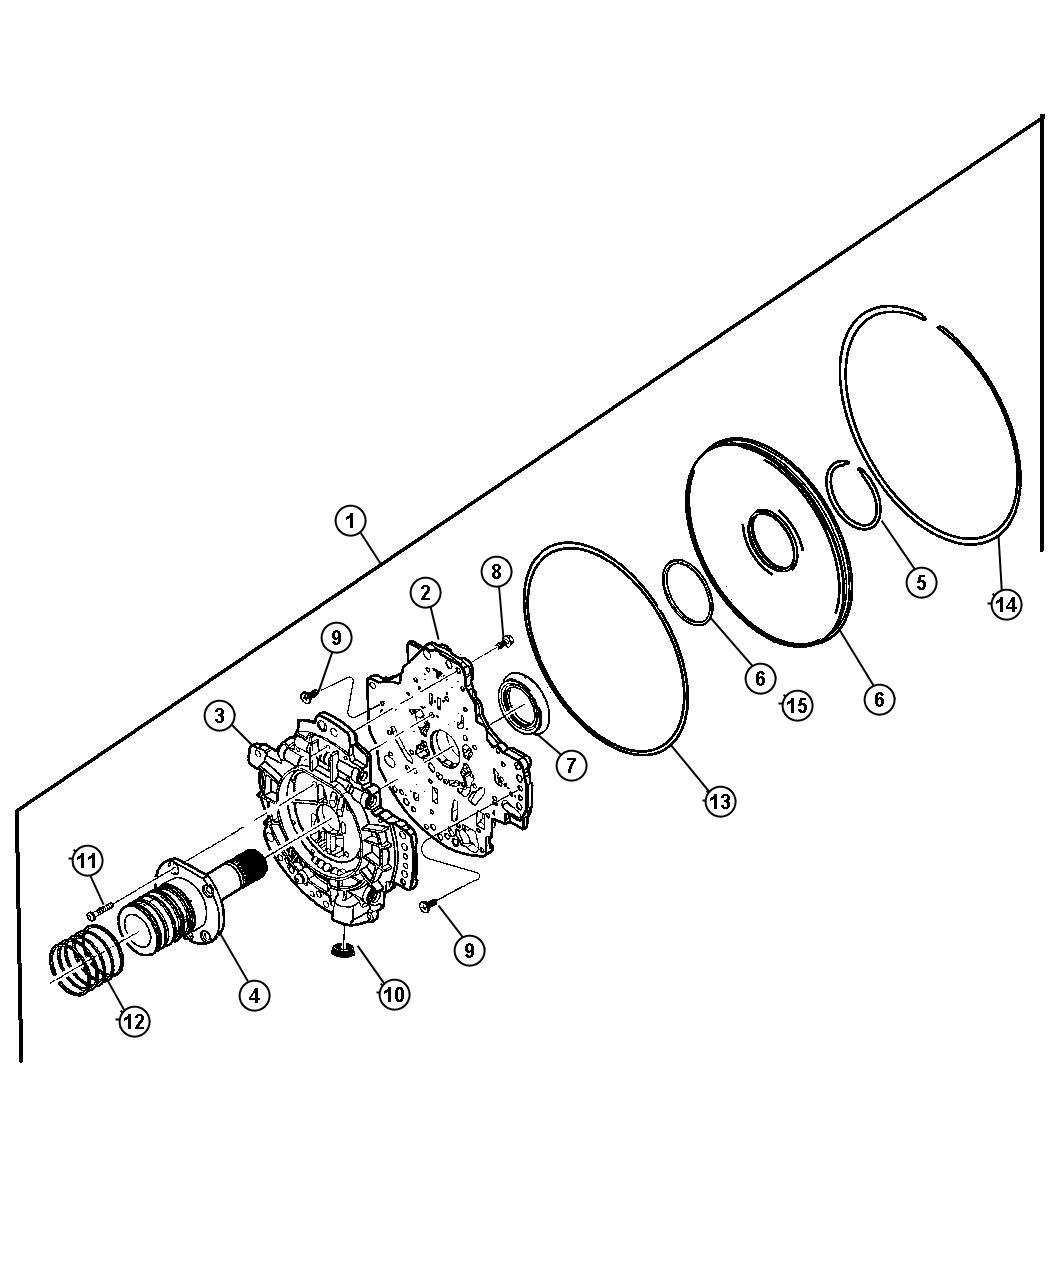 Dodge Ram Seal Transmission Oil Pump